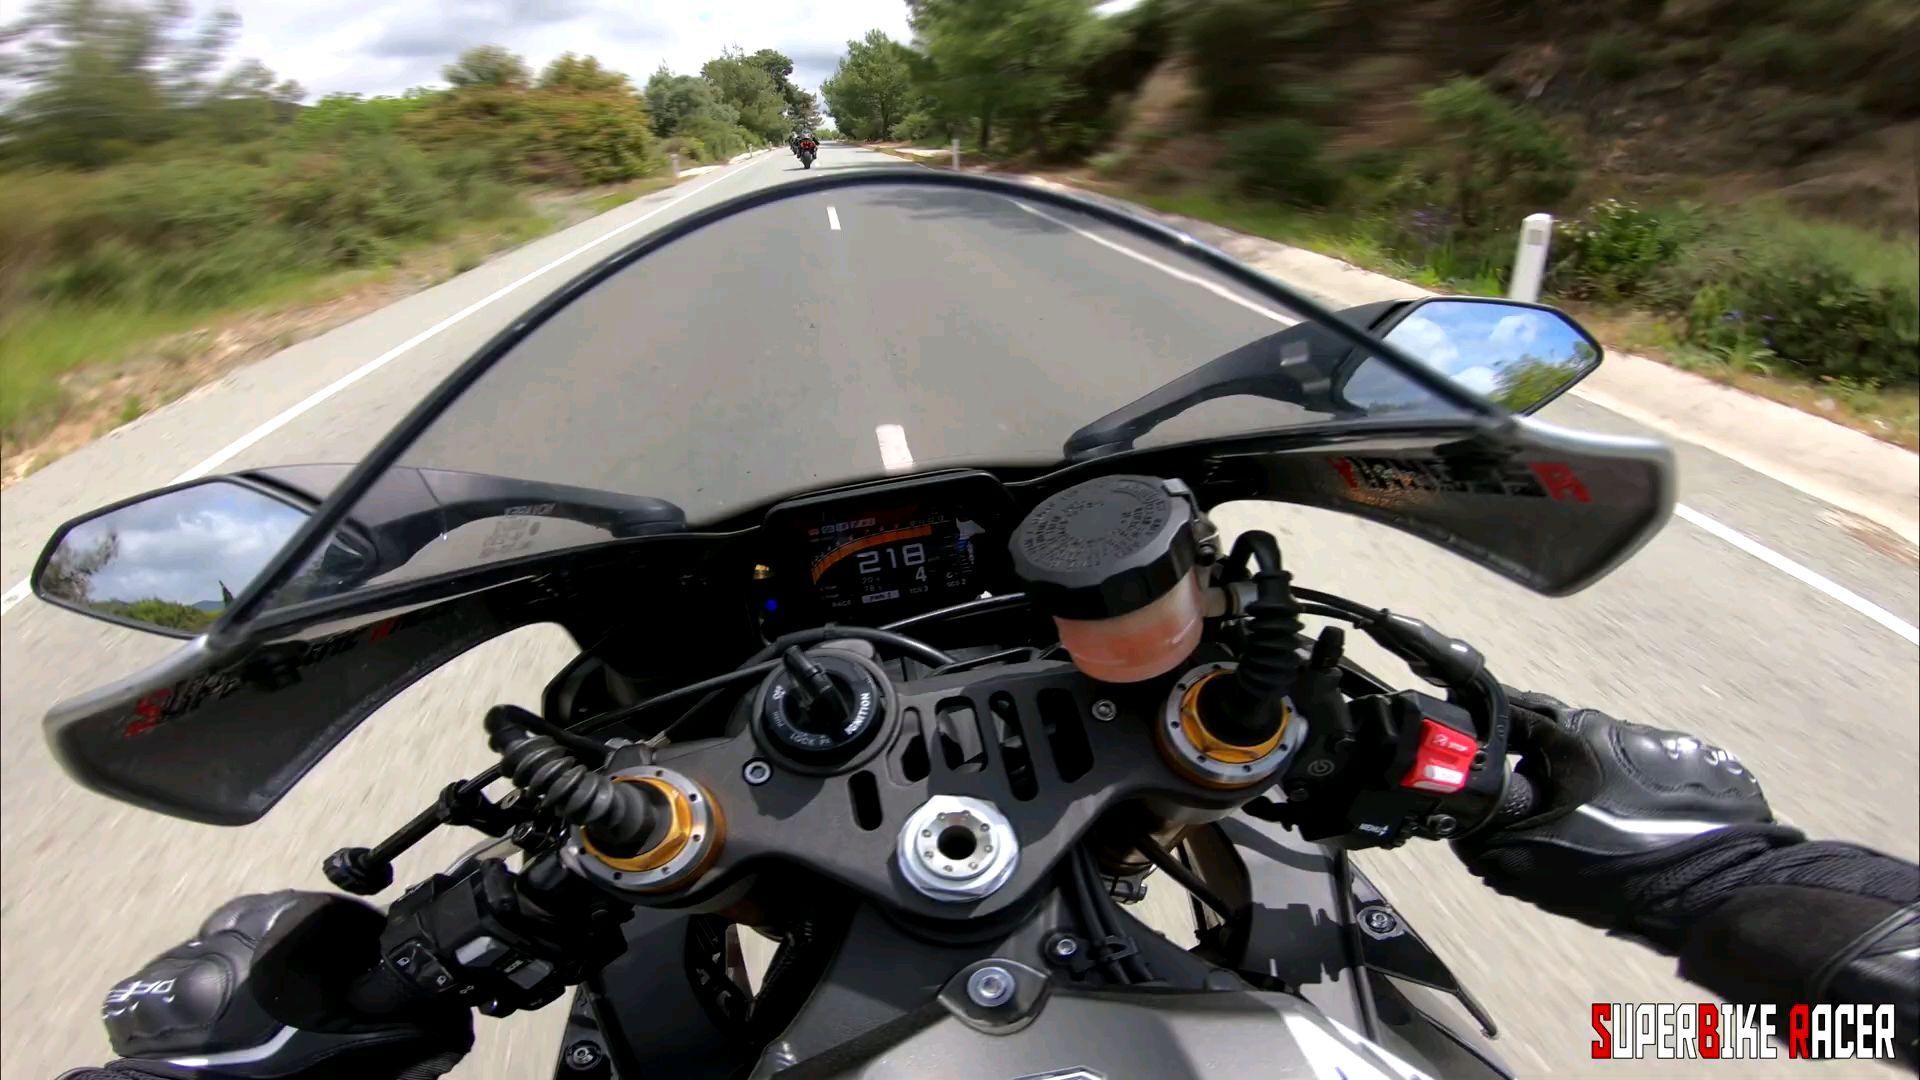 【跑山】雅马哈R1 VS 超快的Aprilia Rsv4